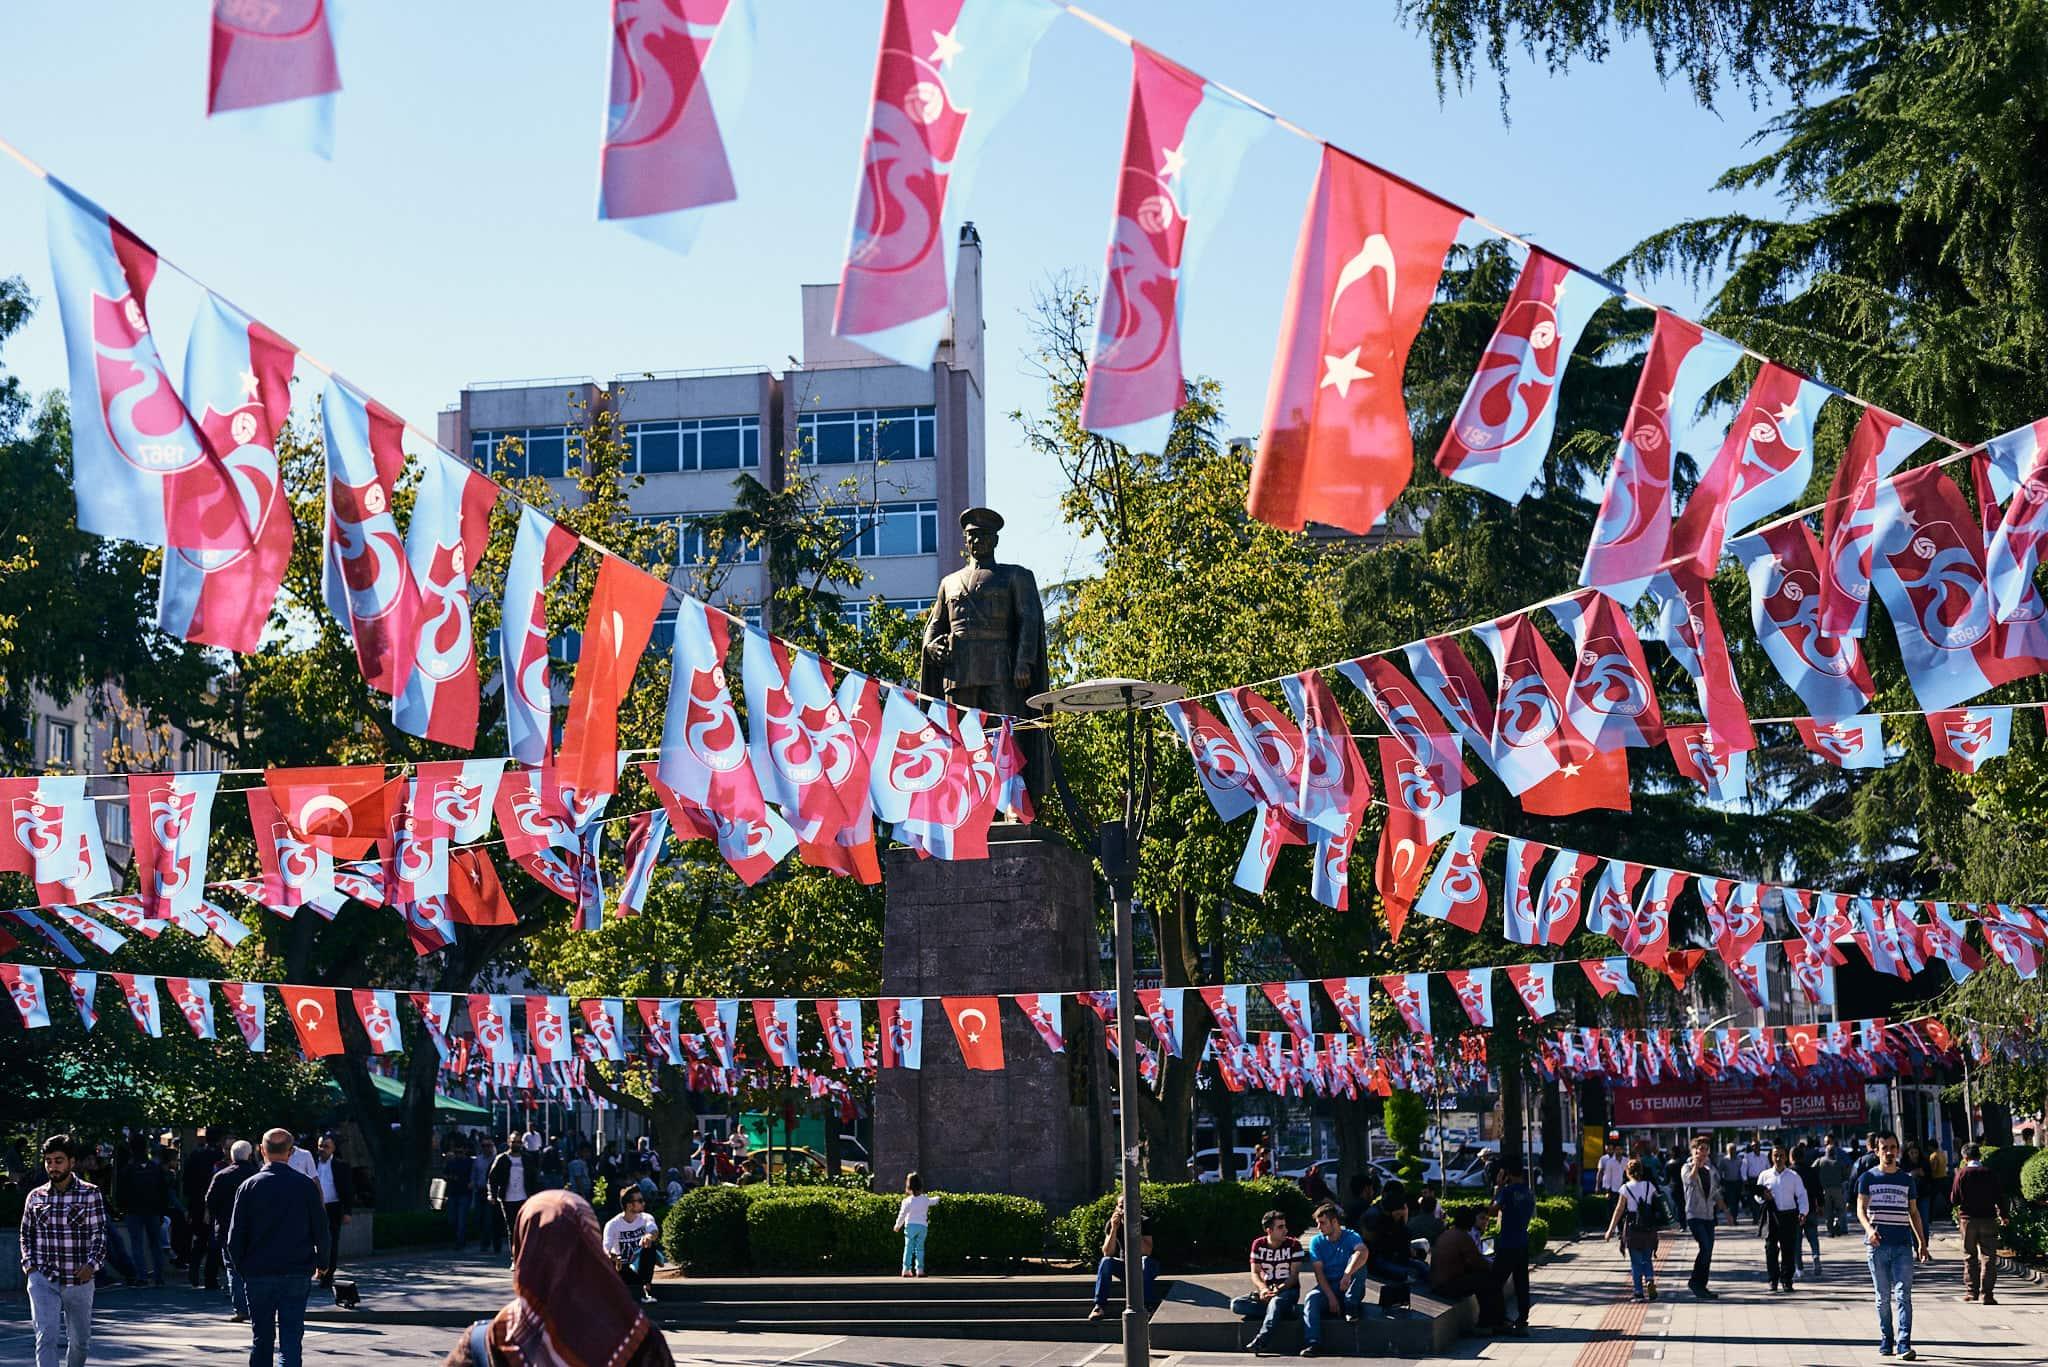 Die Statue Kemal Atatürks in einem öffentlichen park in Trabzon.